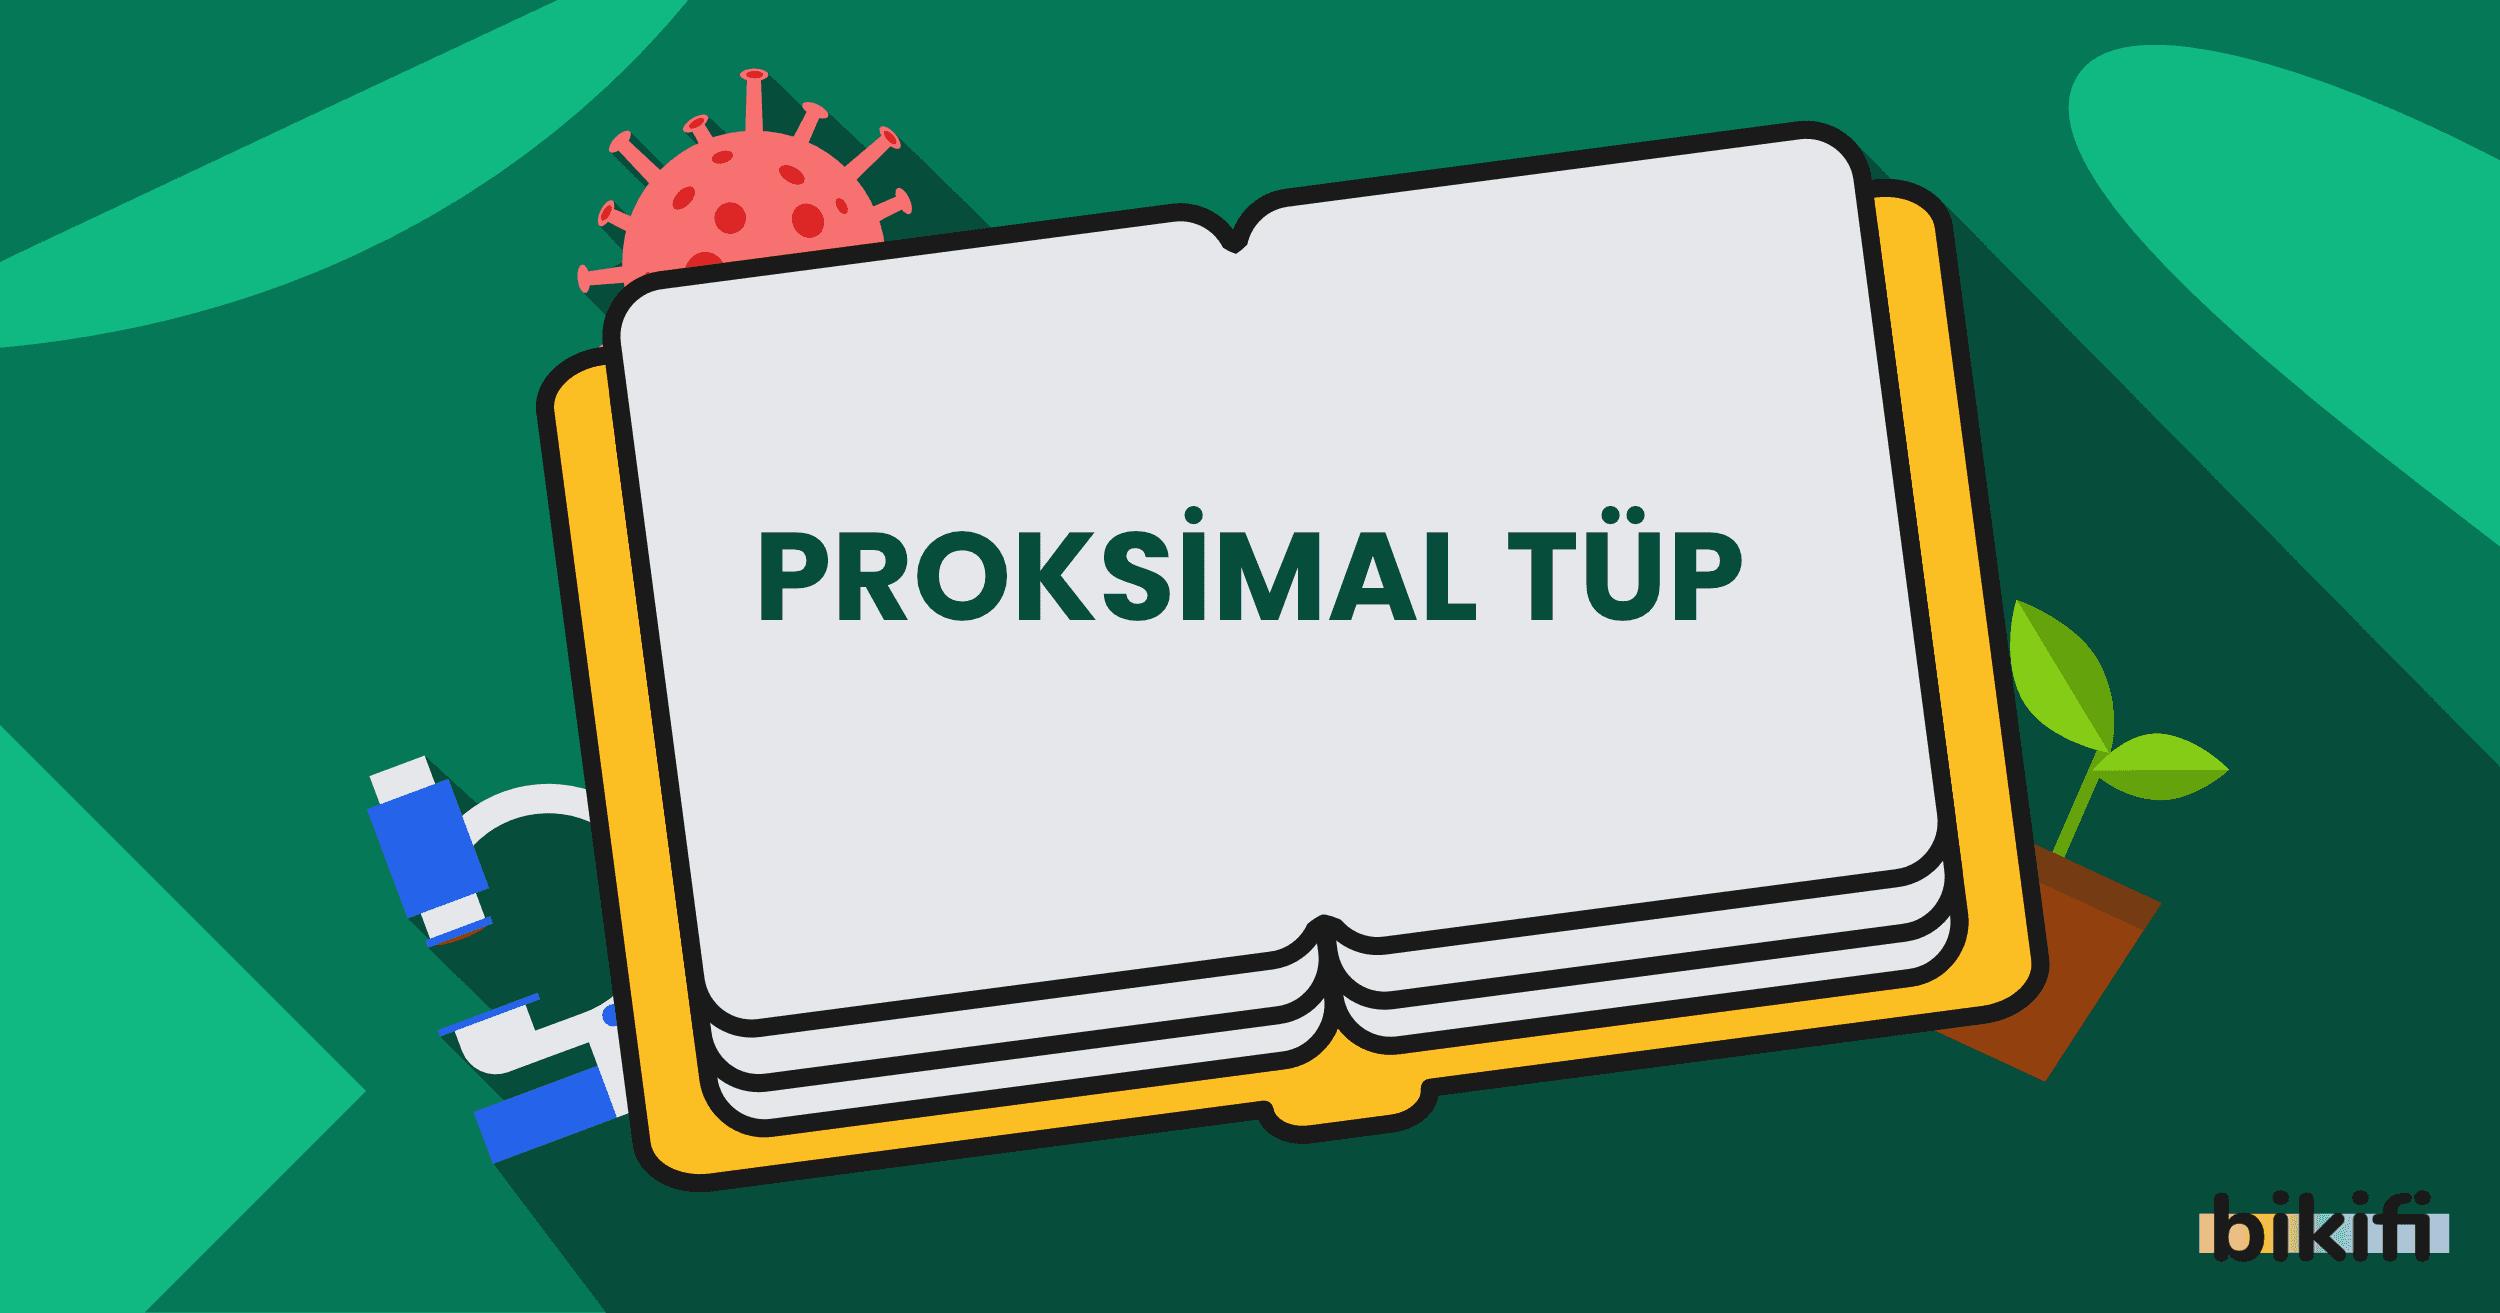 Proksimal Tüp